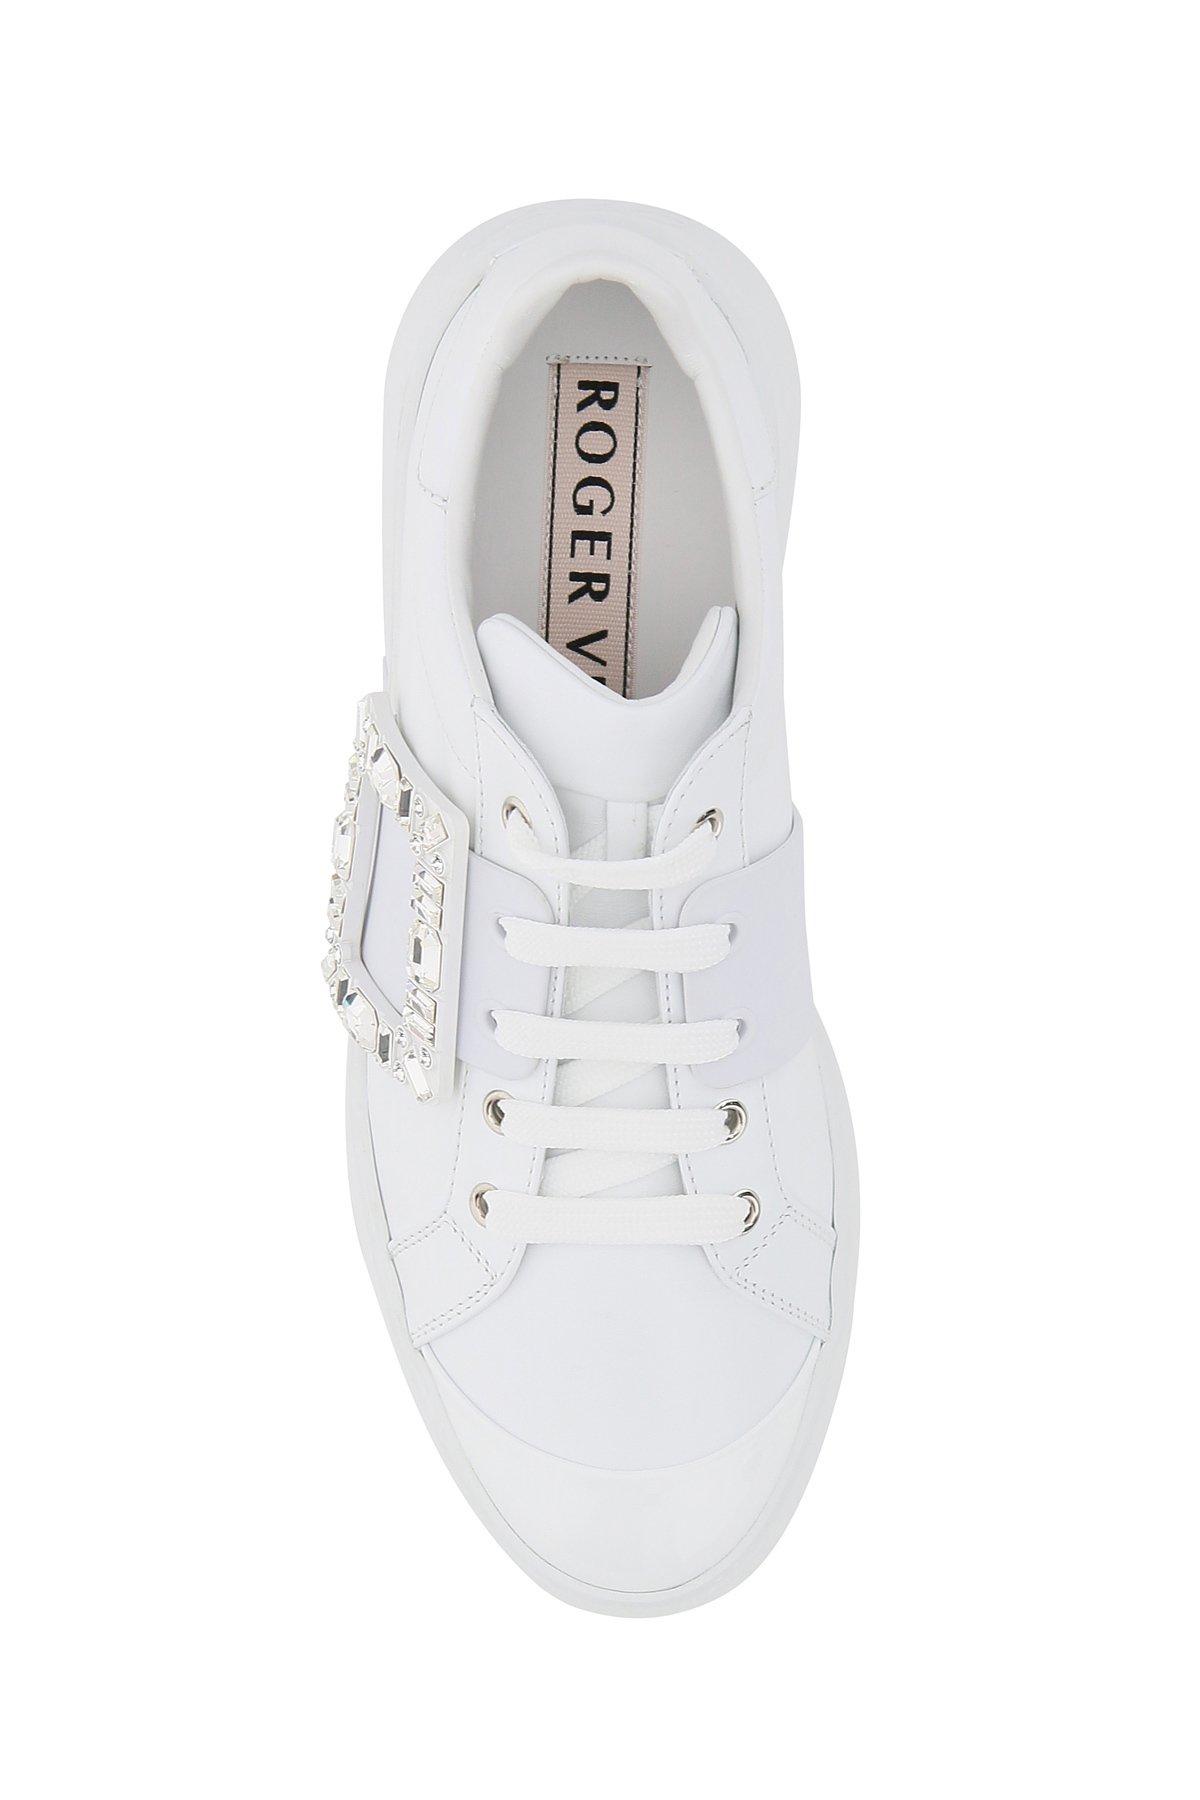 Roger vivier viv skate strass sneakers